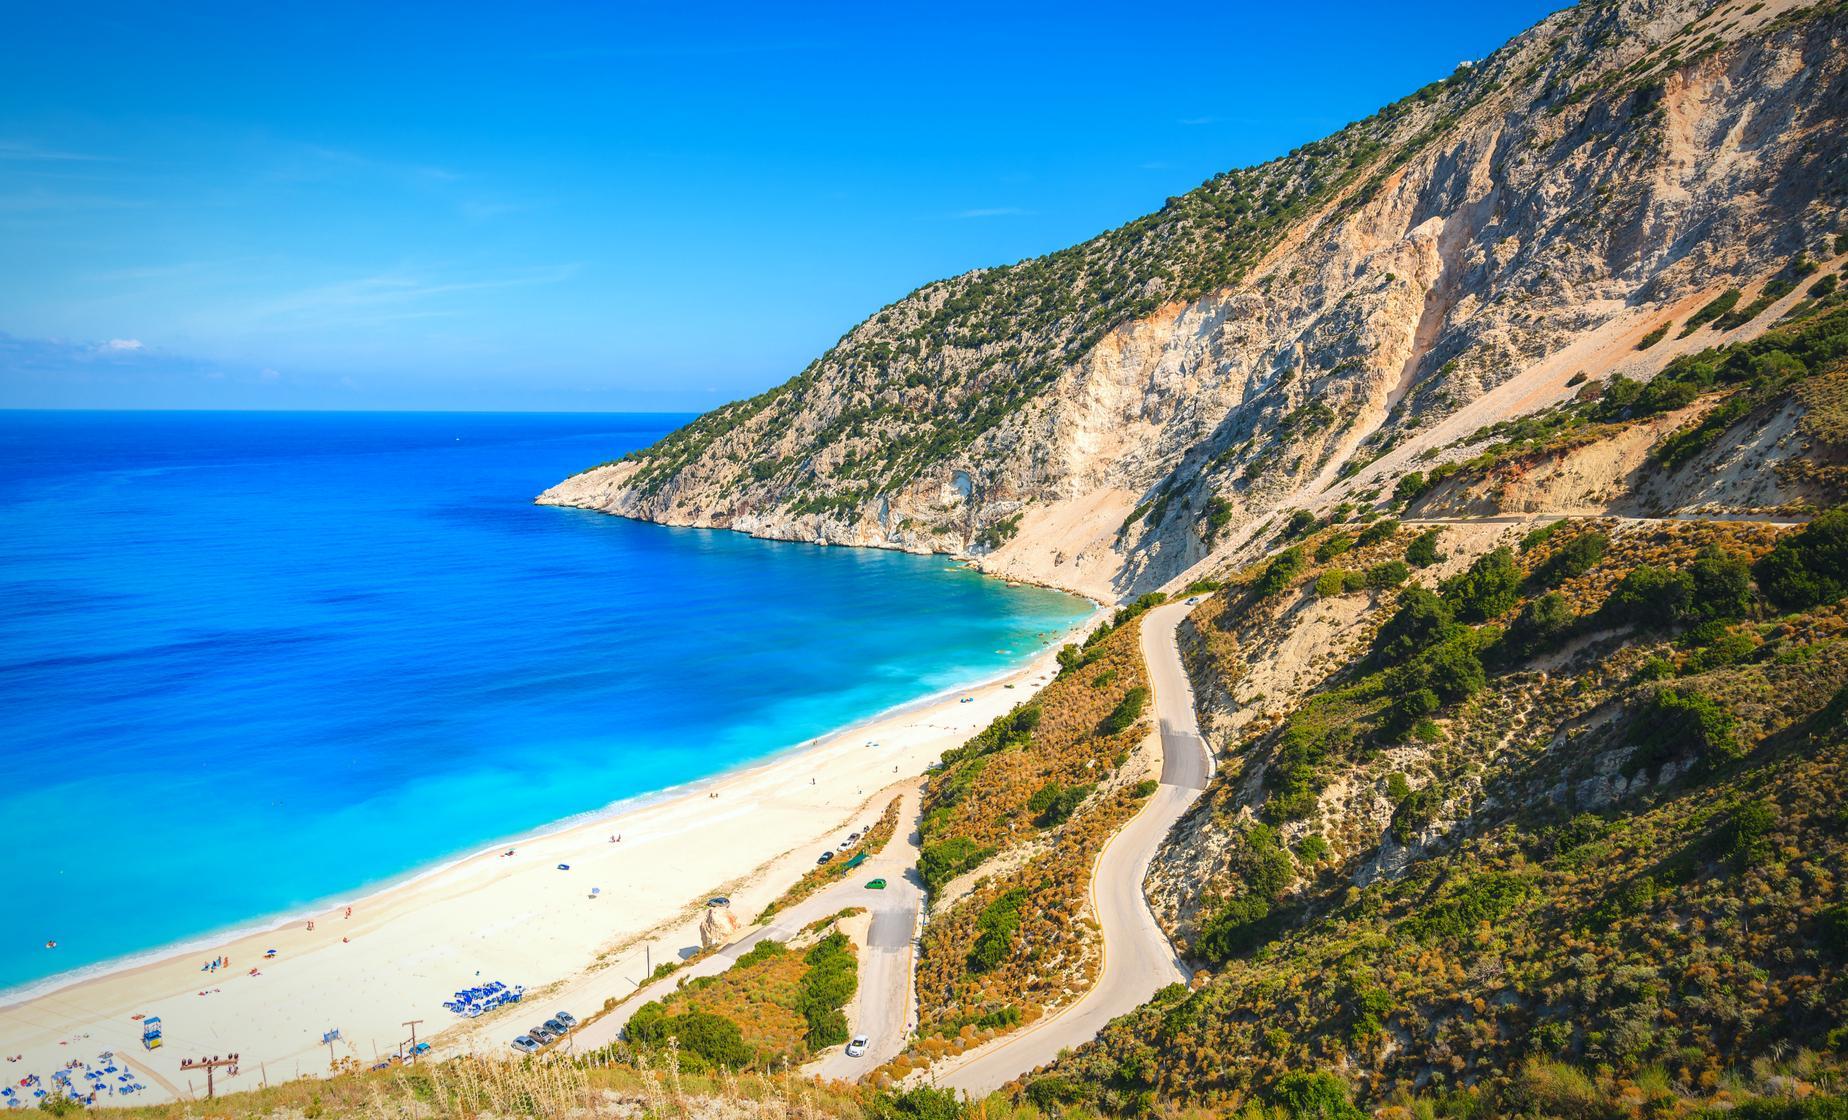 Greek Beach Day Argostoli Cephalonia Shore Excursion